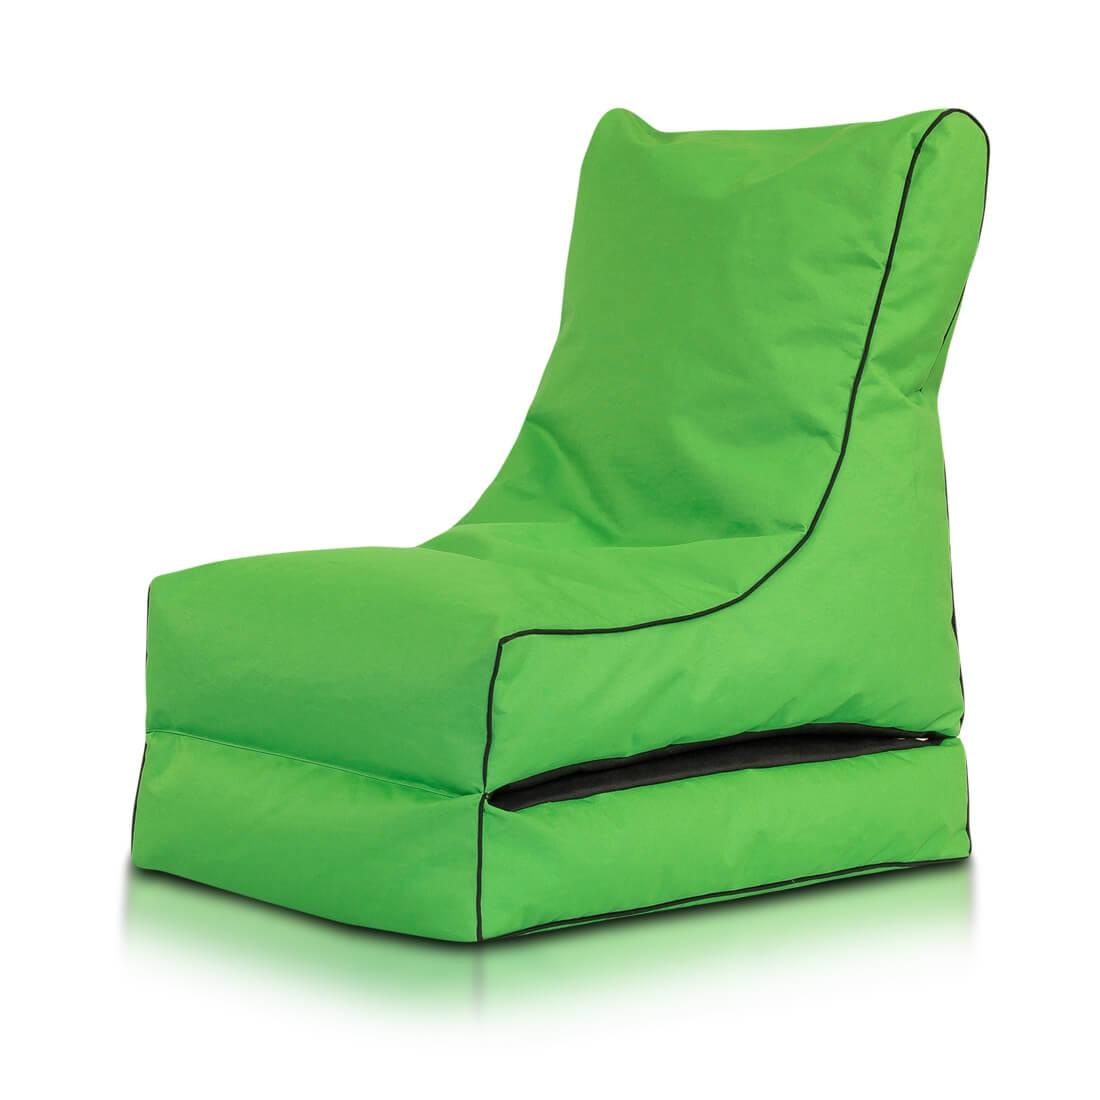 Siggy zelena